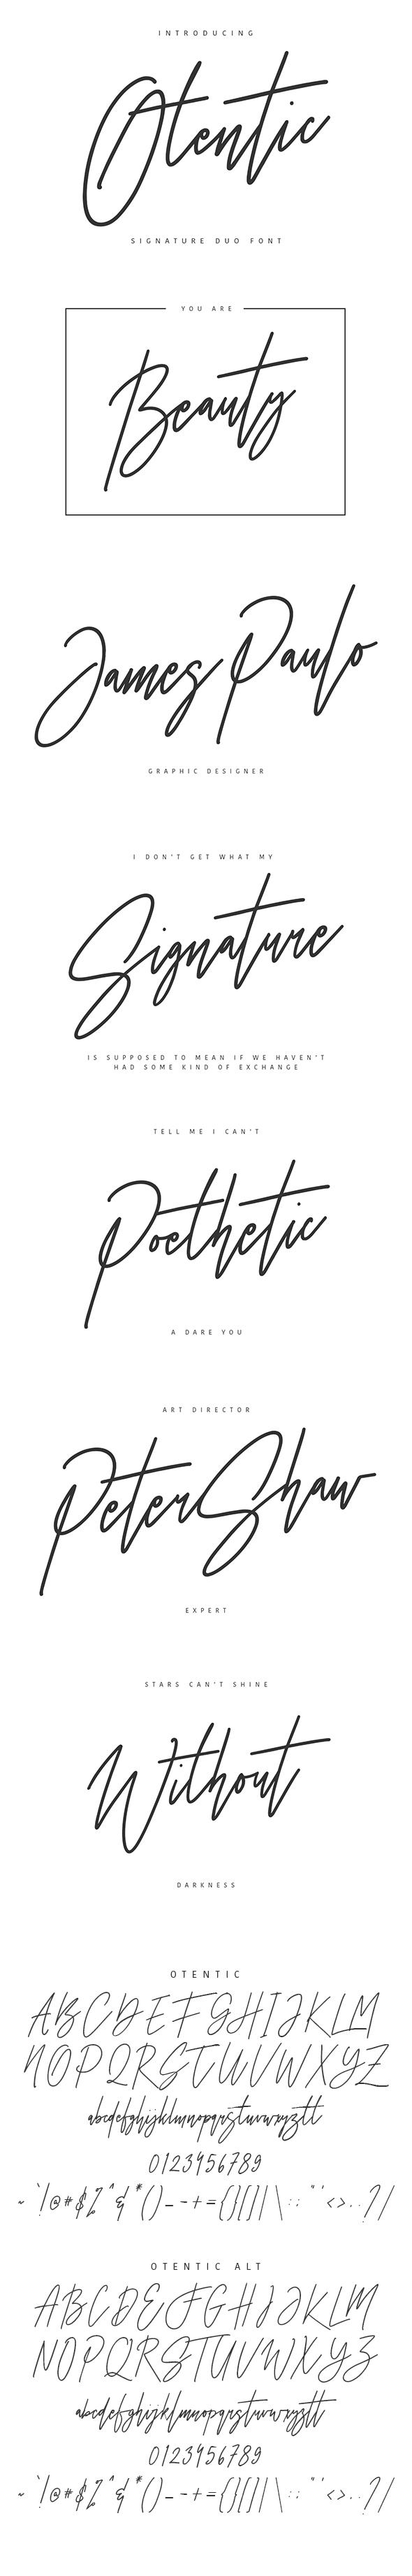 Otentic Signature Typeface - Calligraphy Script